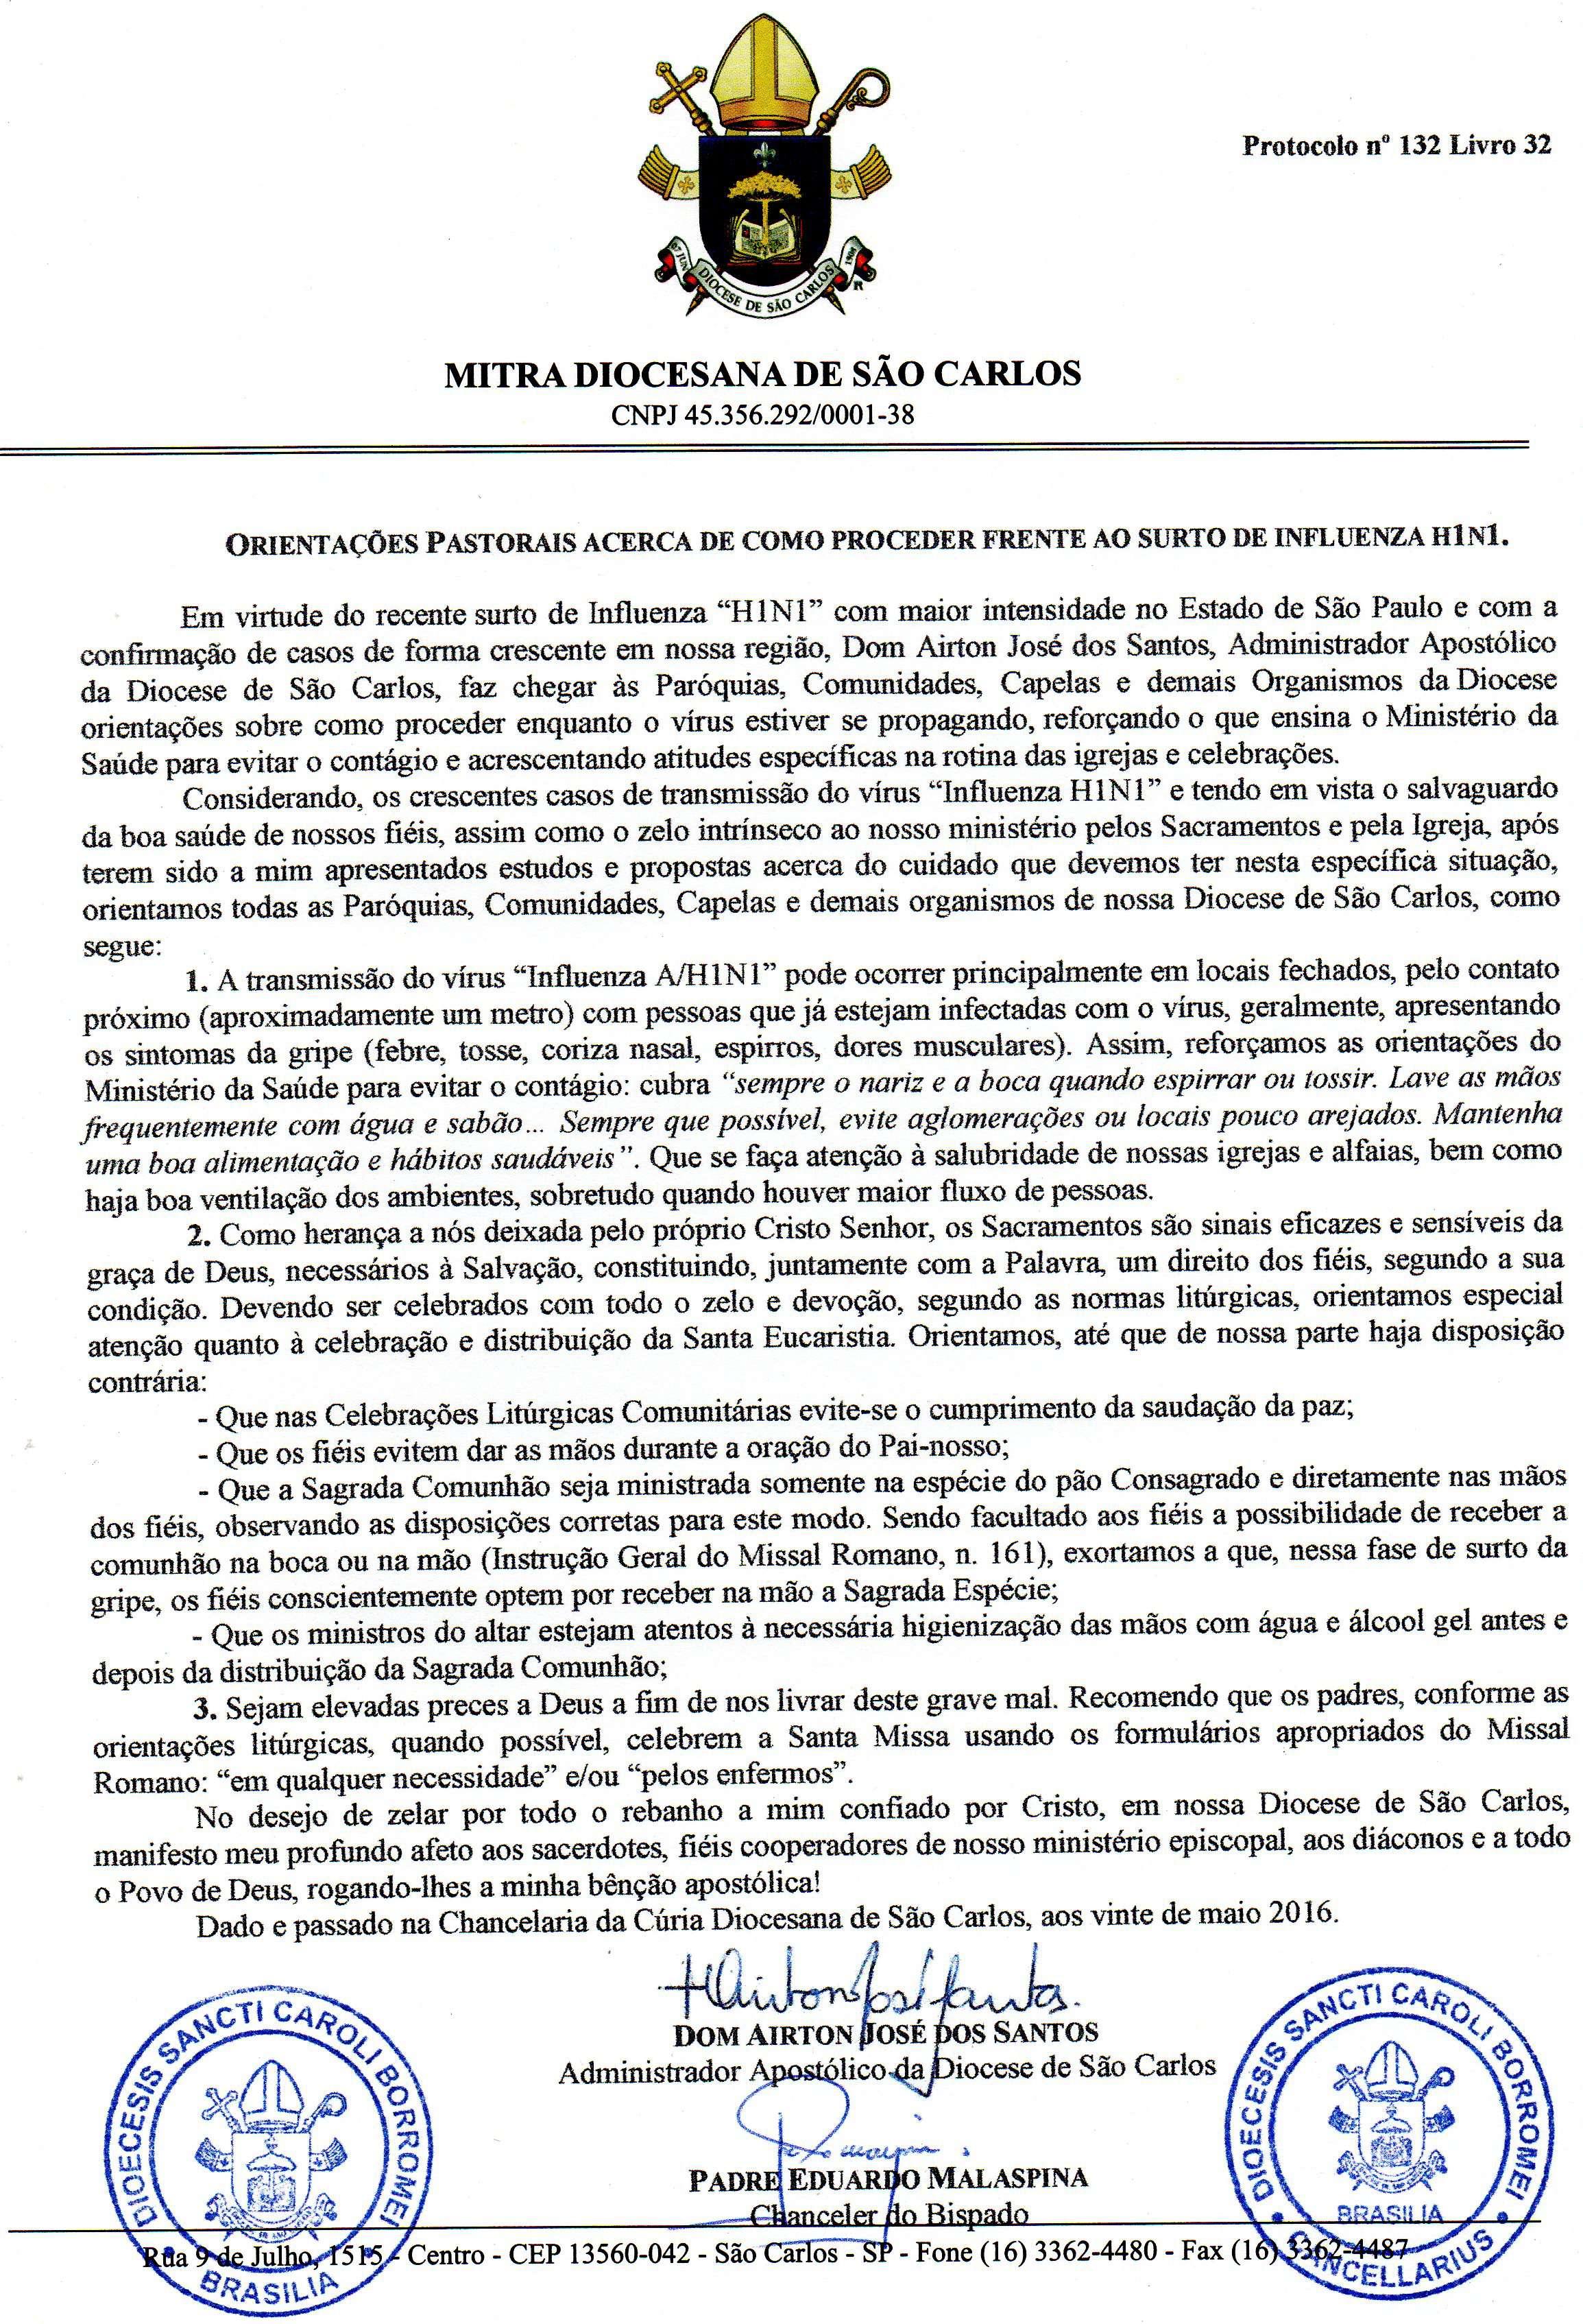 Protocolo130